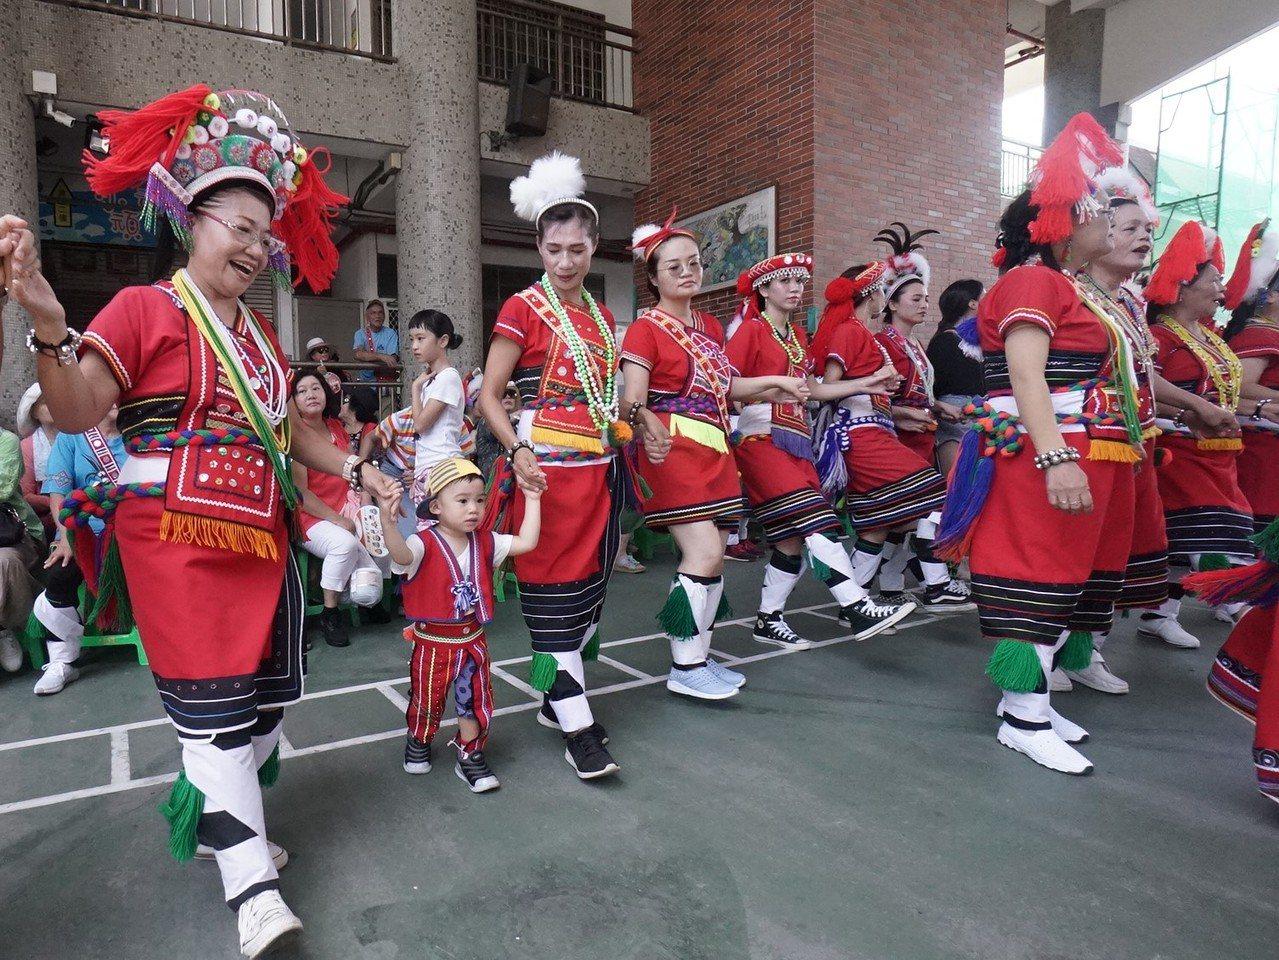 花蓮市阿美族吉寶竿部落今辦豐年祭,族人熱情參與。記者王燕華/攝影